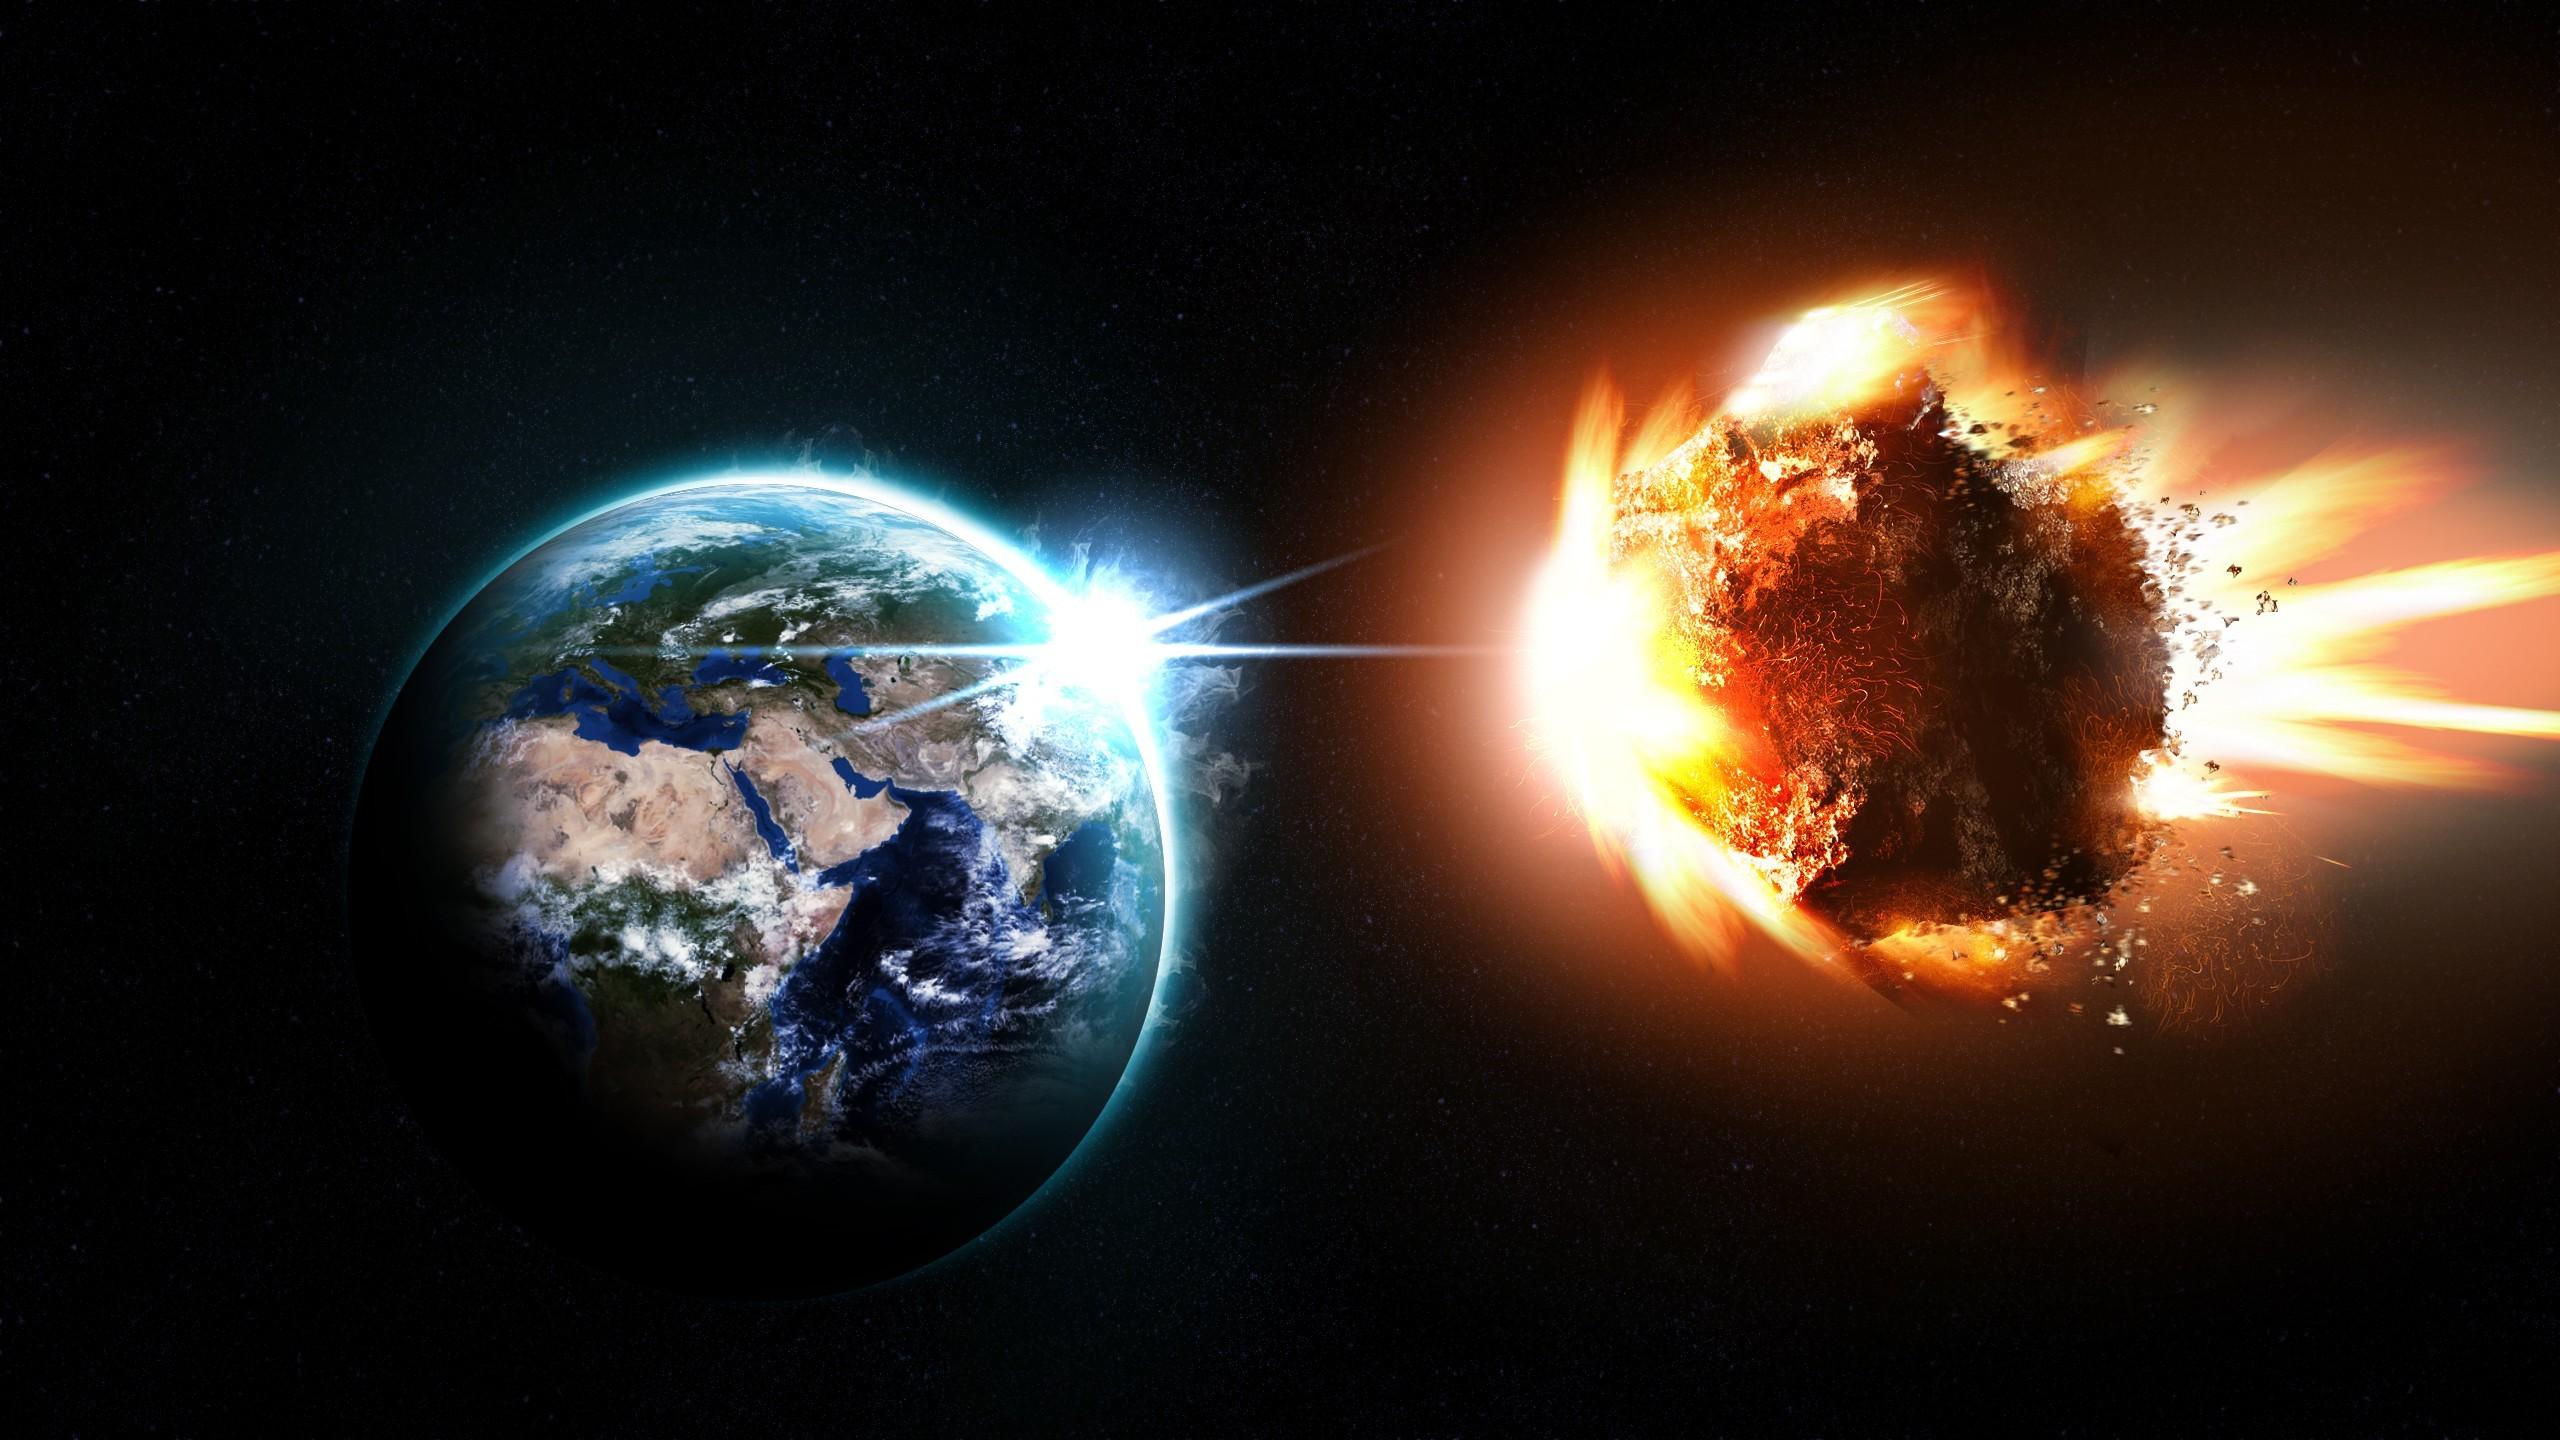 Sfondi pianeta spazio terra esplosione asteroide for Sfondi spazio hd